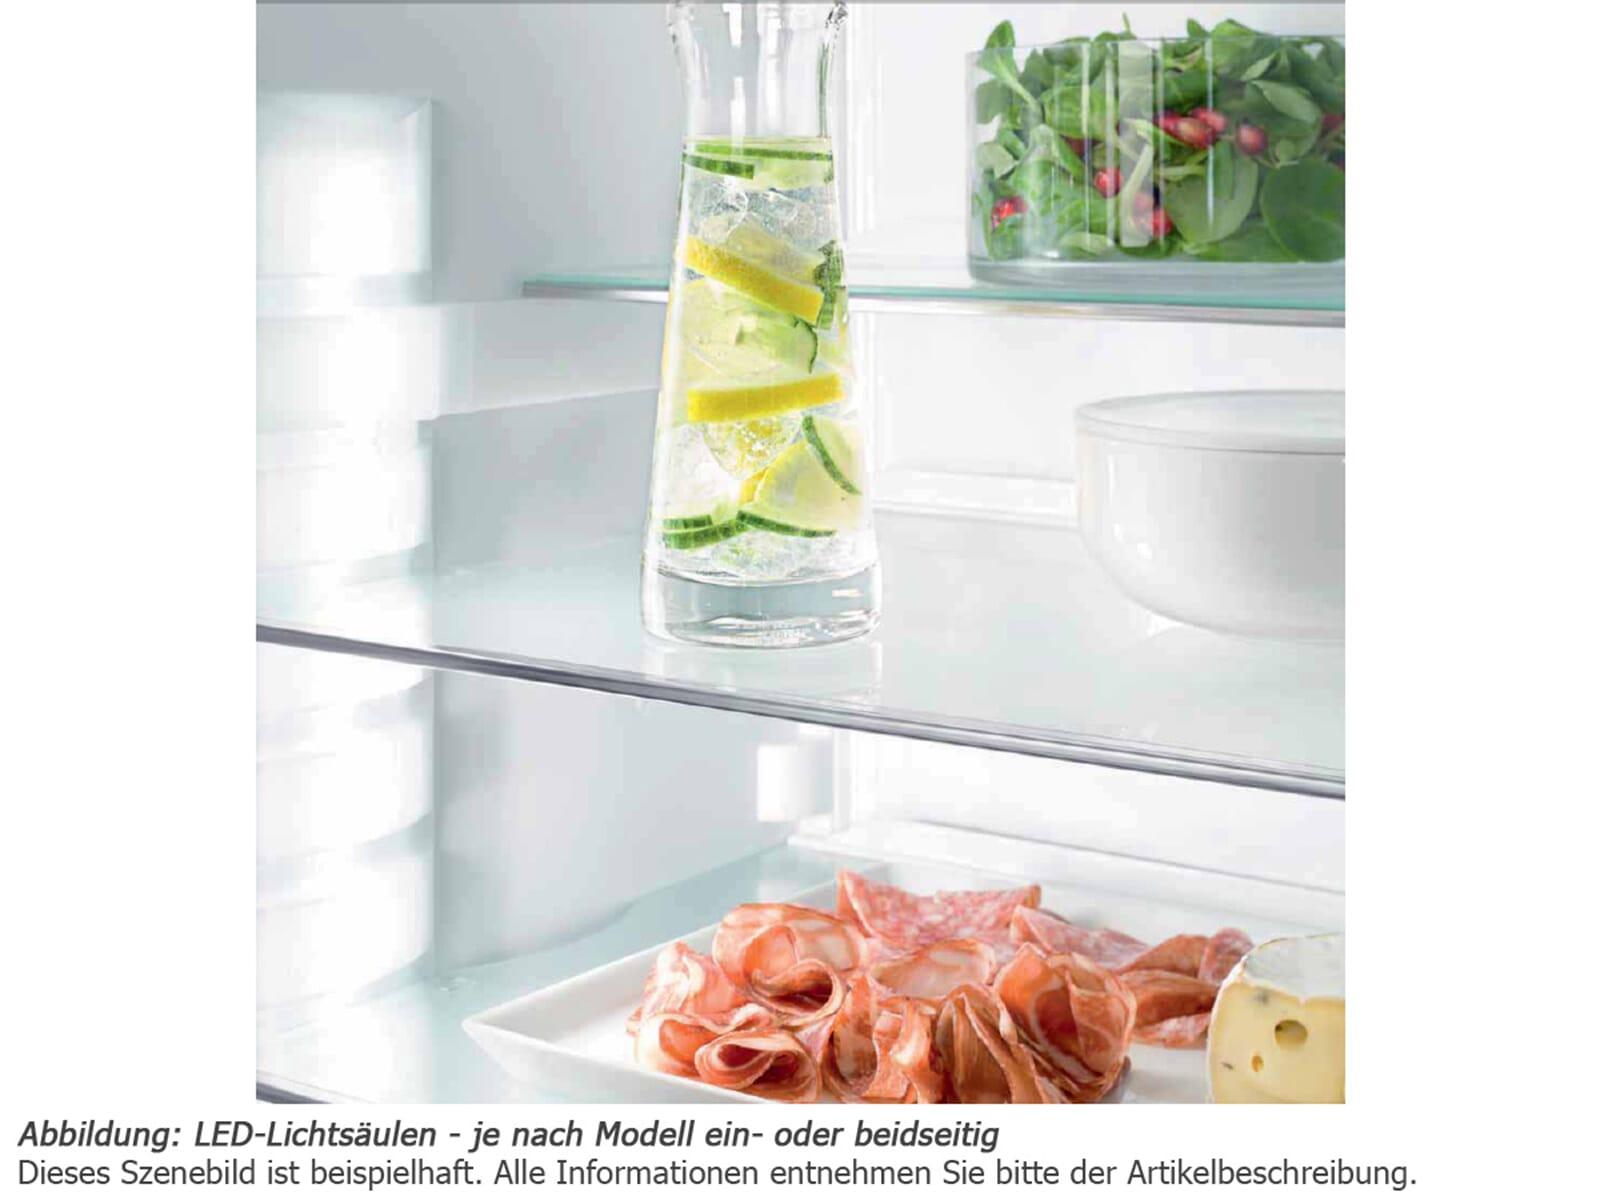 liebherr ecbn 5066 premiumplus biofresh nofrost. Black Bedroom Furniture Sets. Home Design Ideas